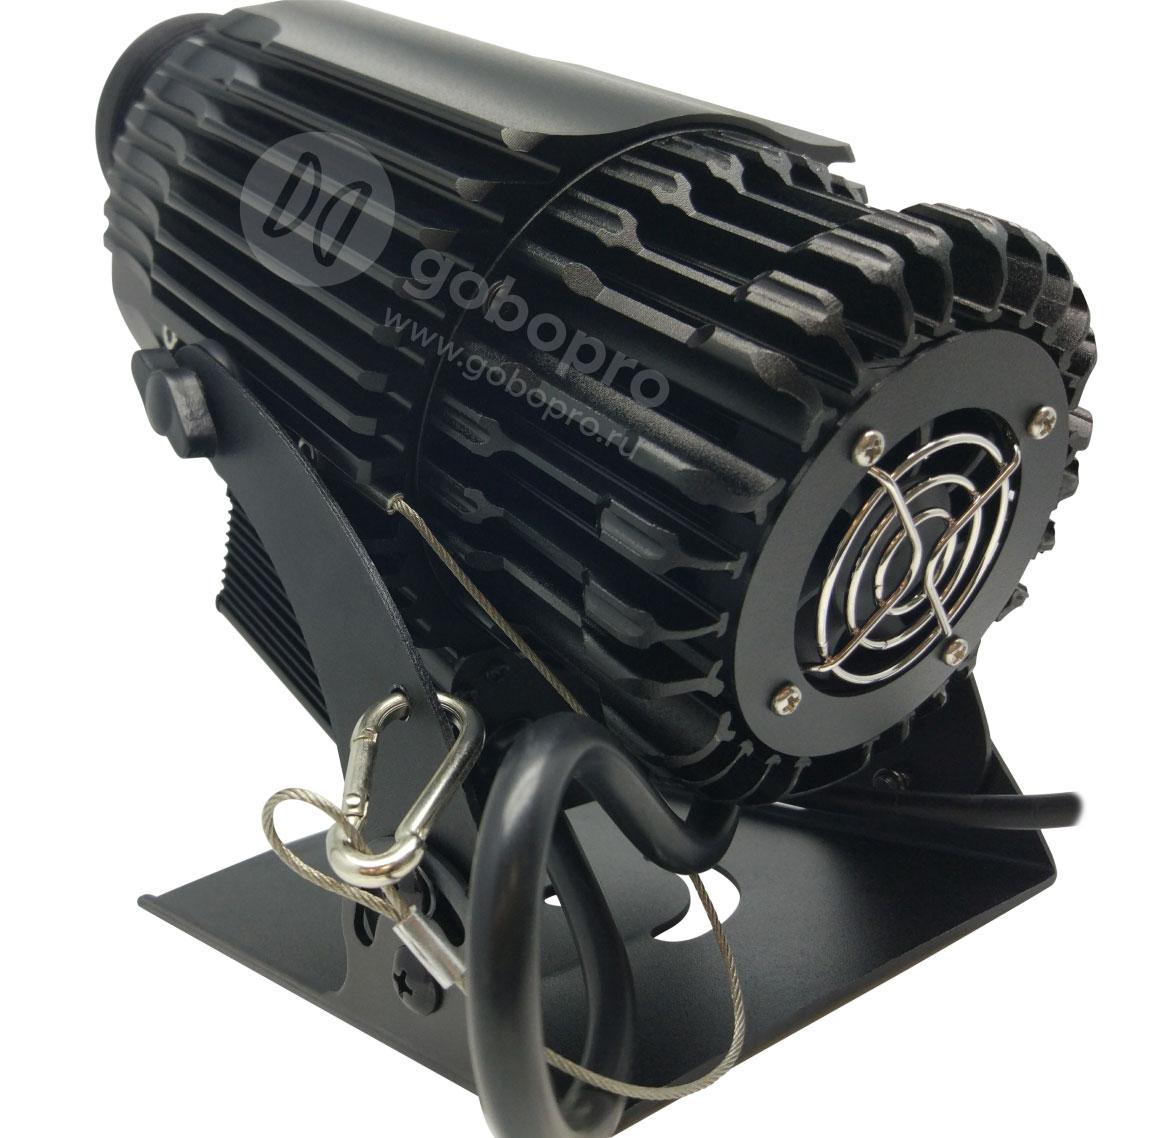 Уличный проектор GoboPro GBP-8004